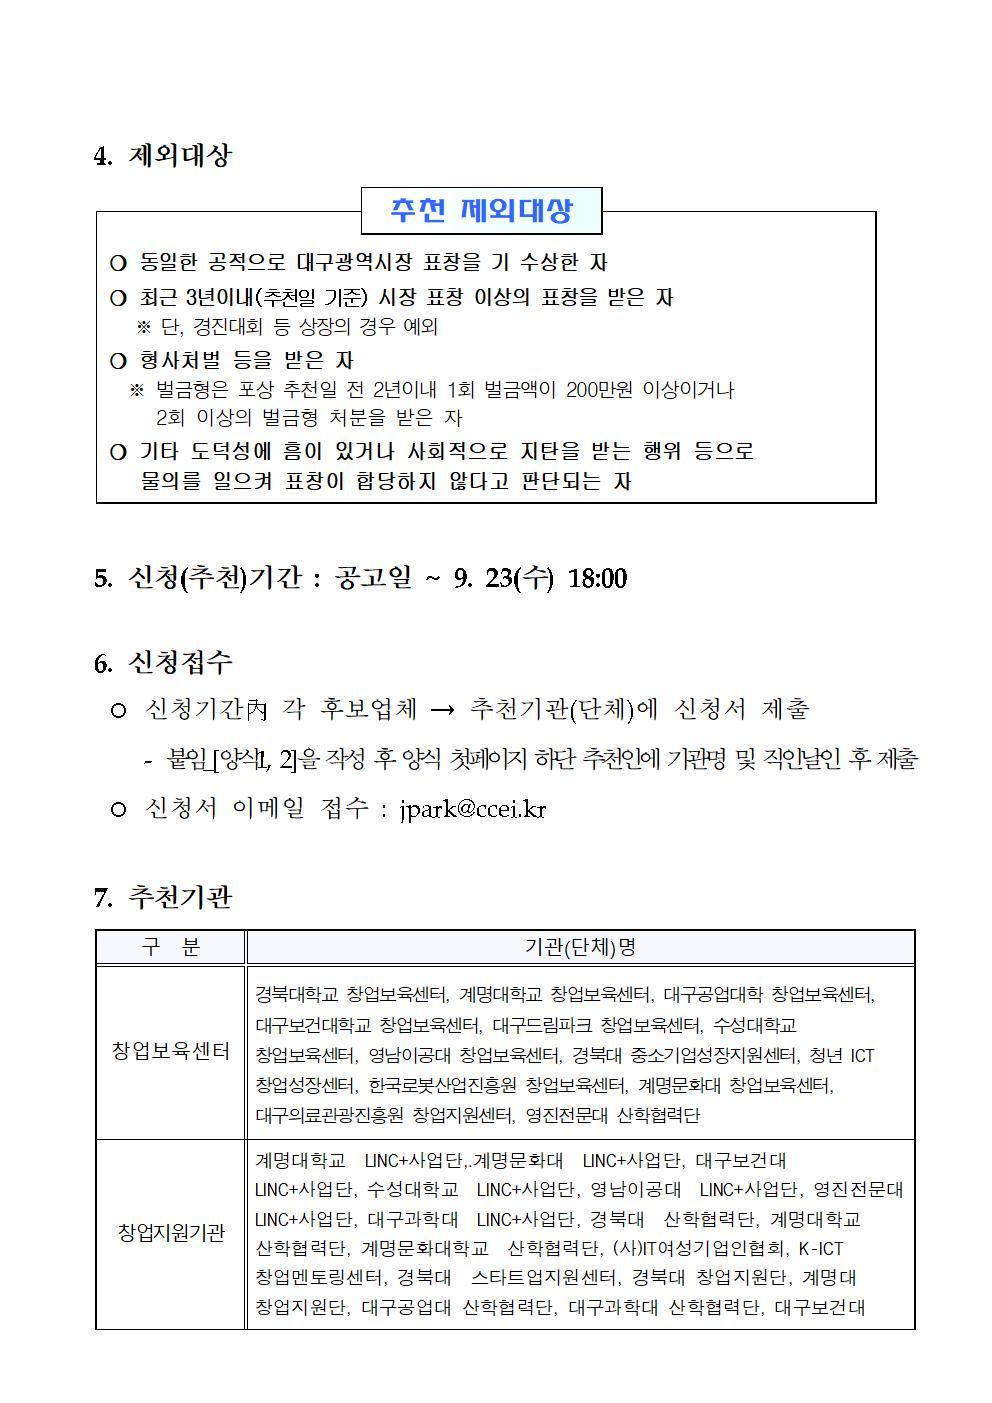 붙임1_[공고문] 2020 제4회 대구스타트업 어워즈 수상 후보자 공모002.jpg